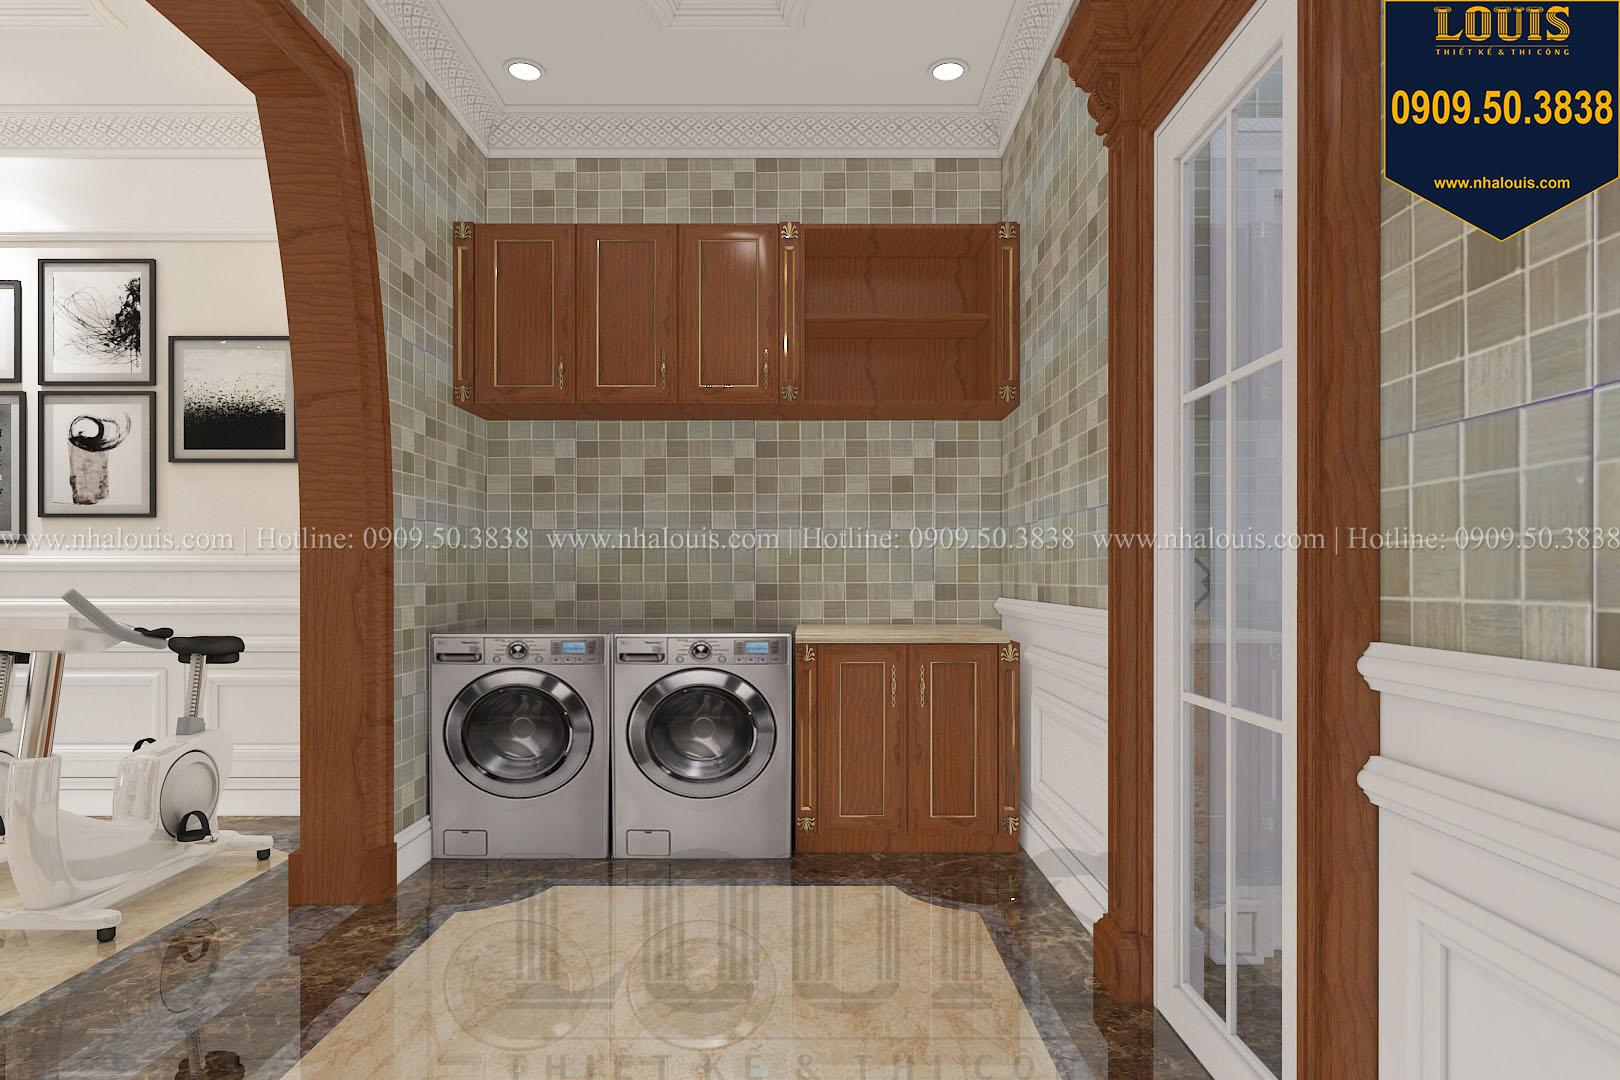 Phòng giặt biệt thự phong cách cổ điển châu Âu - 053